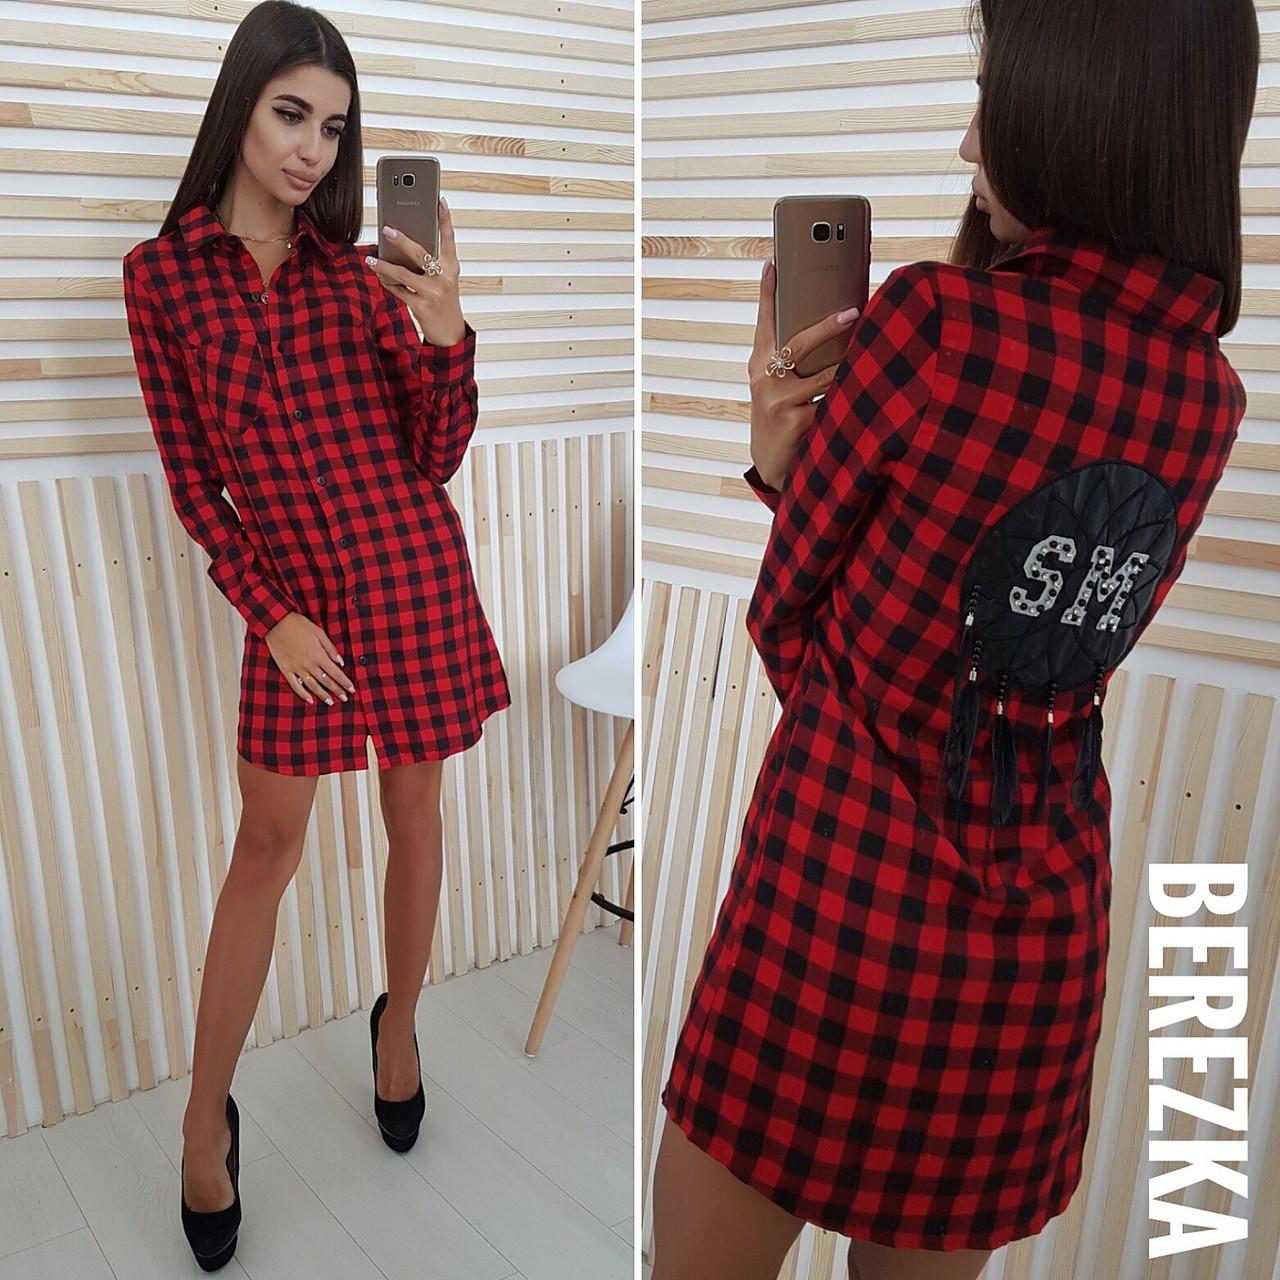 818cac4ed08 Платье-рубашка стильное в клетку с нашивкой на спине байка разные цвета  SMs1876